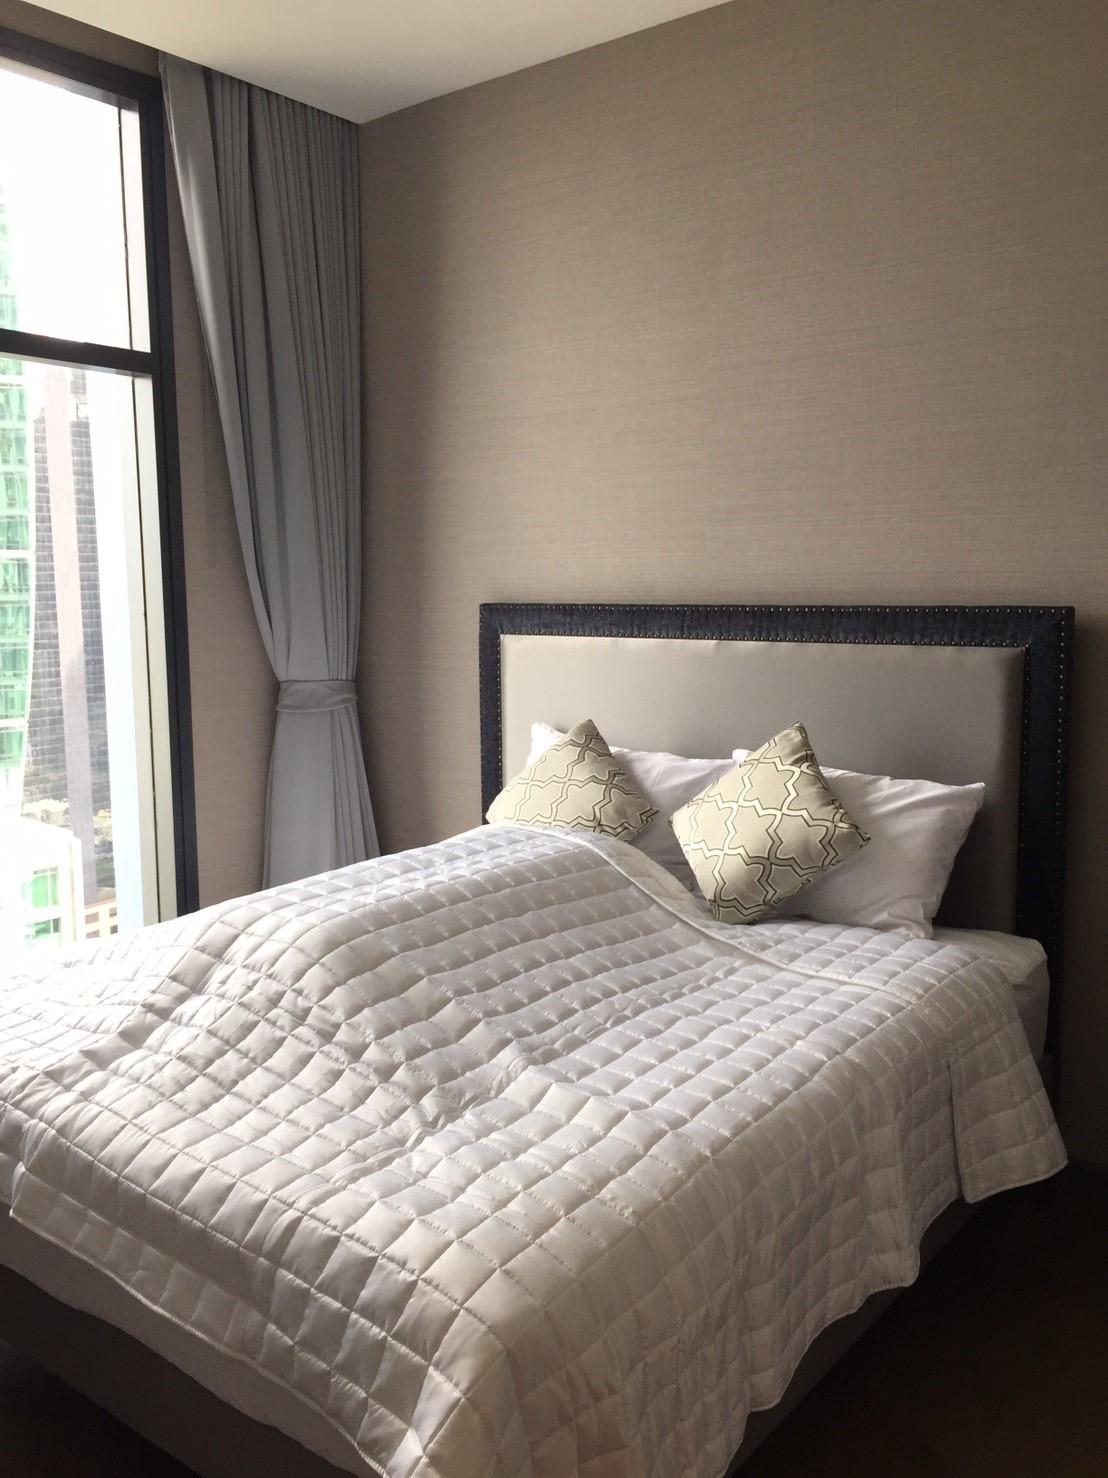 ภาพคอนโดให้เช่า เดอะ ดิโพลแมท สาธร   สาทรเหนือ  สีลม บางรัก 1 ห้องนอน พร้อมอยู่ ราคาถูก